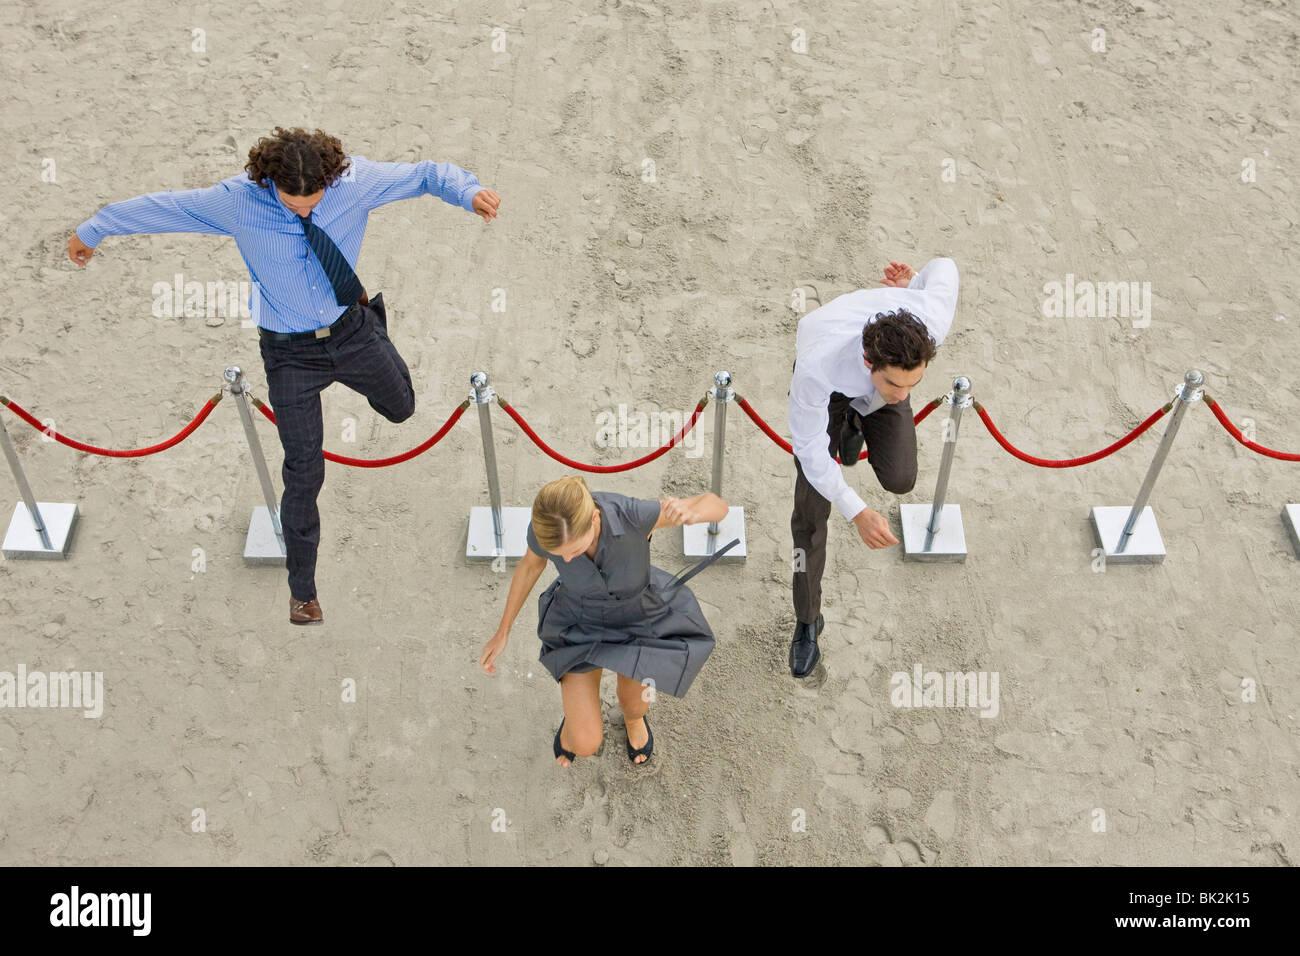 Vida de negocio Imagen De Stock